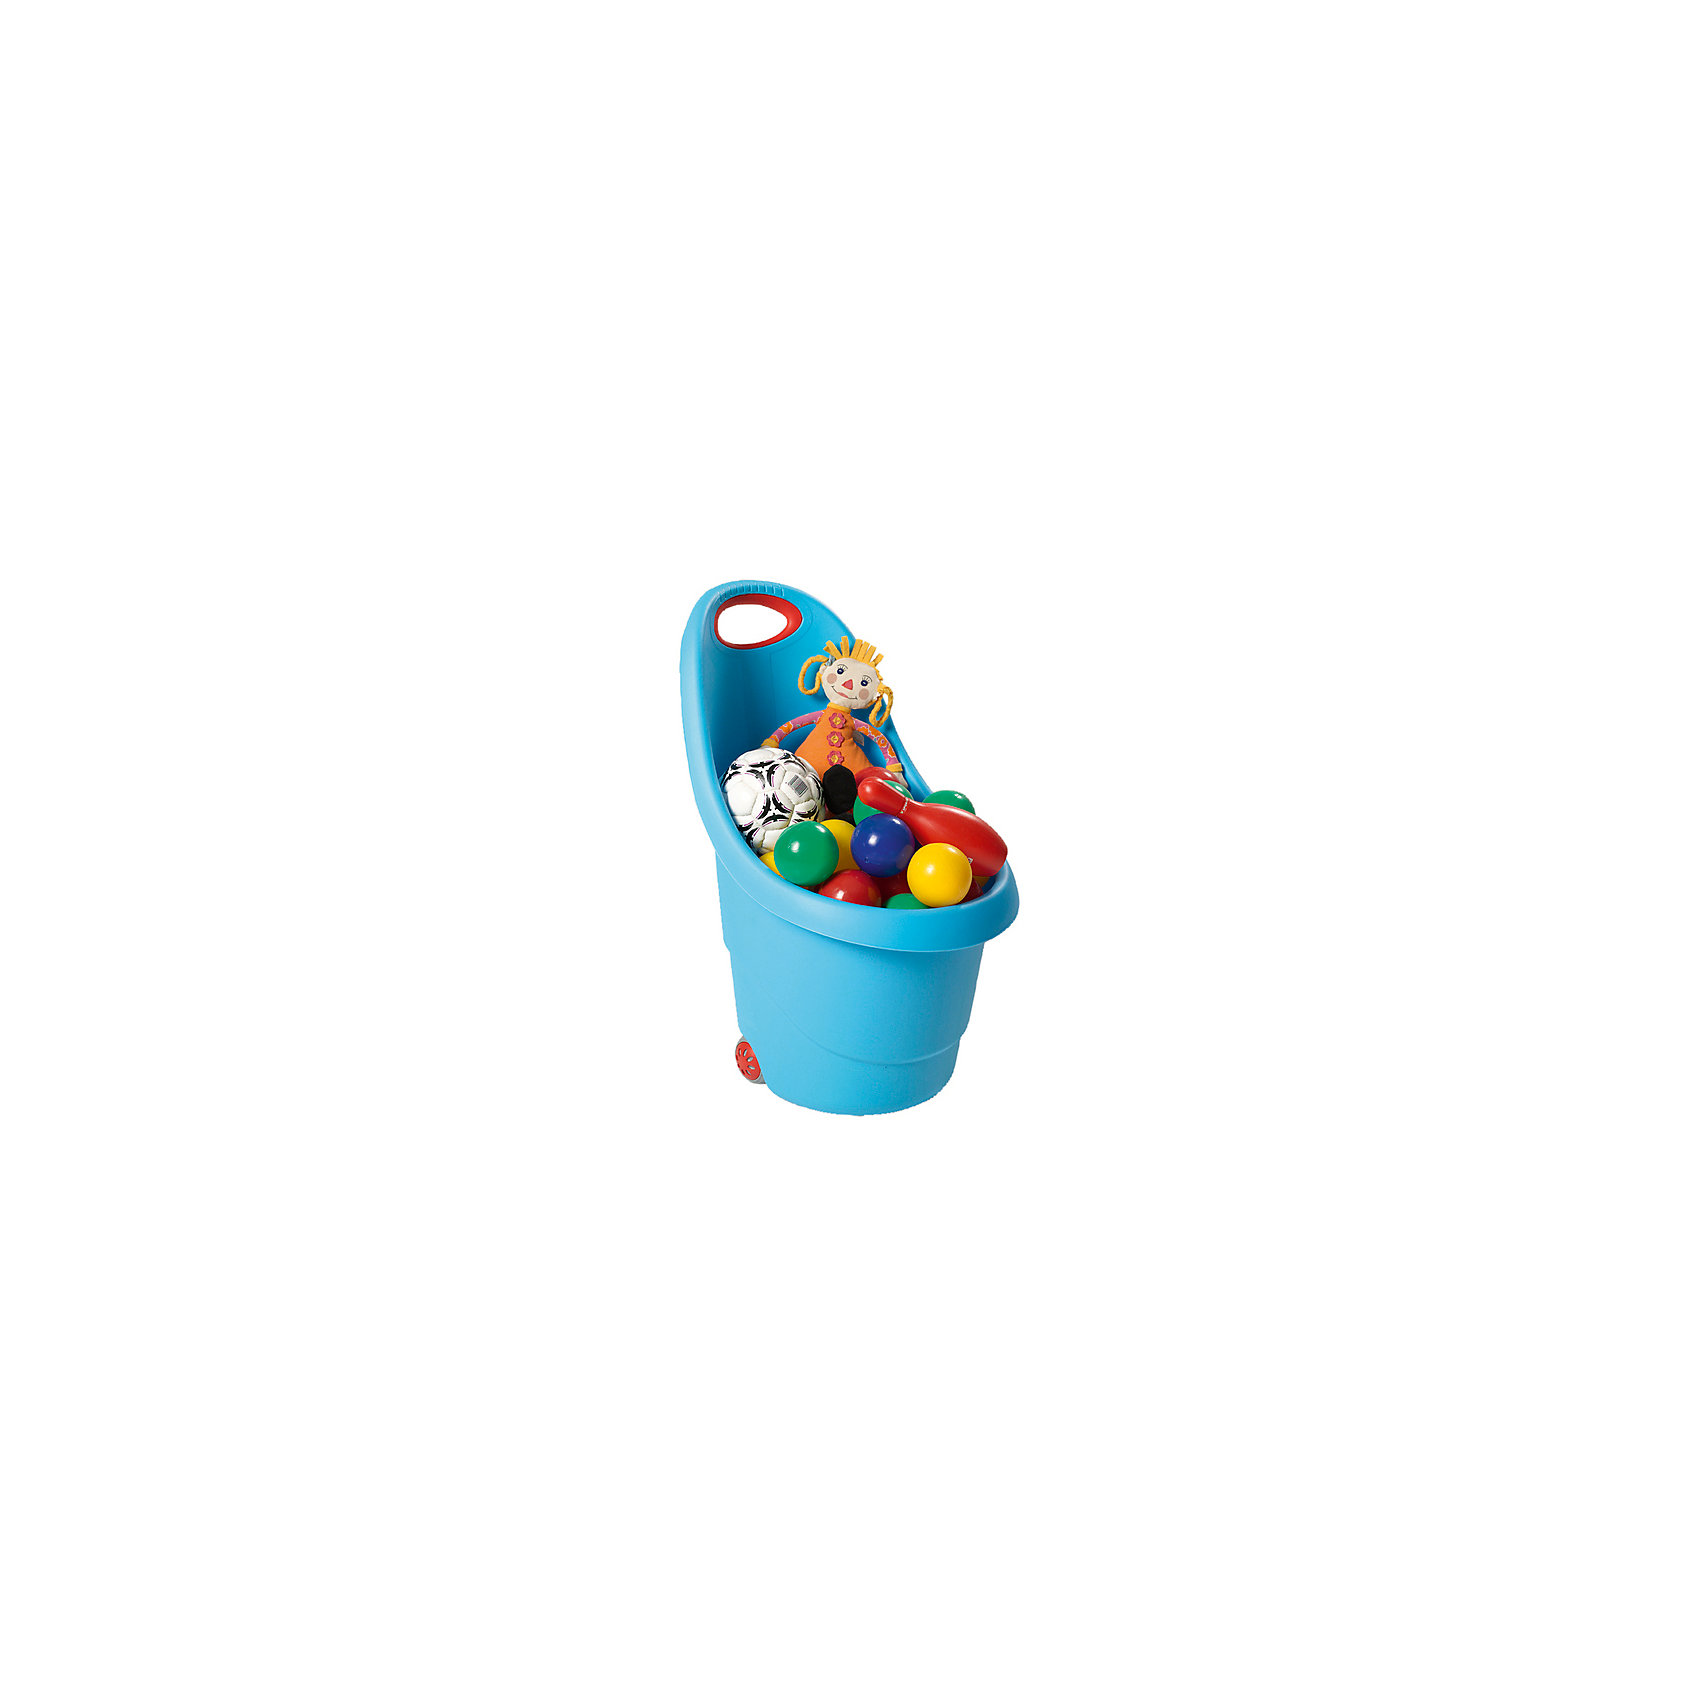 Корзина для игрушек на колесах, голубаяПорядок в детской<br>Удобная и практичная тележка на колесах станет любимой игрушкой вашего ребенка, которая поможет в игровой форме приучить детей к порядку. Удобная ручка с антискользящим покрытием. Предназначена для хранения детских игрушек, принадлежностей и послужит прекрасным декором в комнате ребенка.<br><br>Дополнительная информация:<br><br>- Возраст: от 2 лет.<br>- Размеры: 38х35х62 см.<br><br>Корзина для игрушек на колесах голубого цвета, можно купить в нашем магазине.<br><br>Ширина мм: 360<br>Глубина мм: 360<br>Высота мм: 580<br>Вес г: 960<br>Возраст от месяцев: 12<br>Возраст до месяцев: 144<br>Пол: Унисекс<br>Возраст: Детский<br>SKU: 4718338